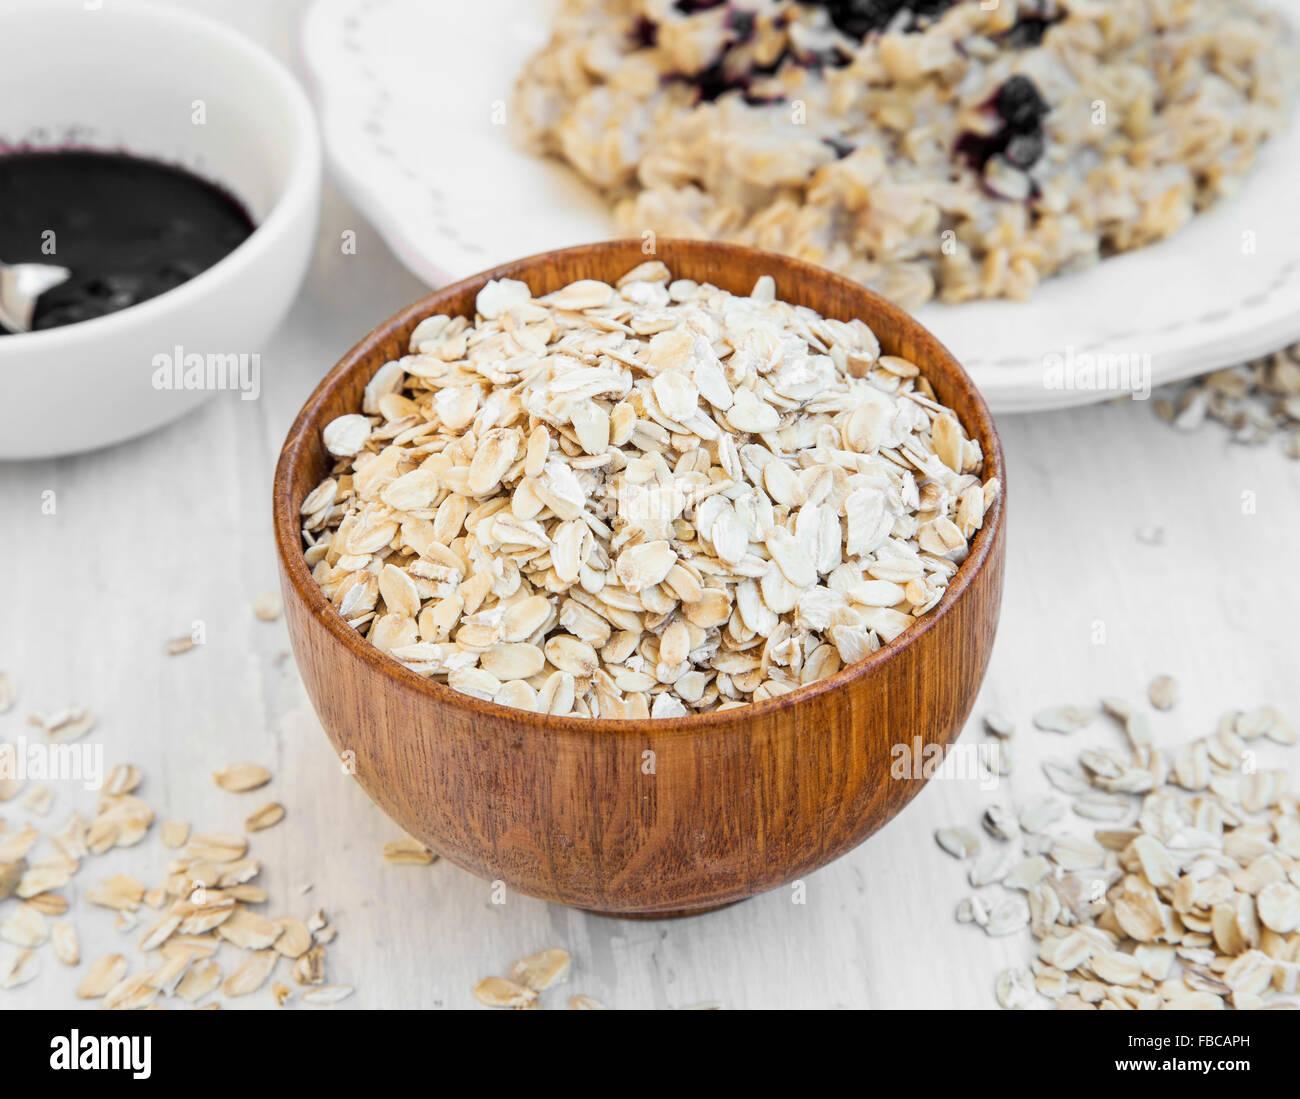 La harina de avena en un recipiente de madera y gachas en el fondo Foto de stock